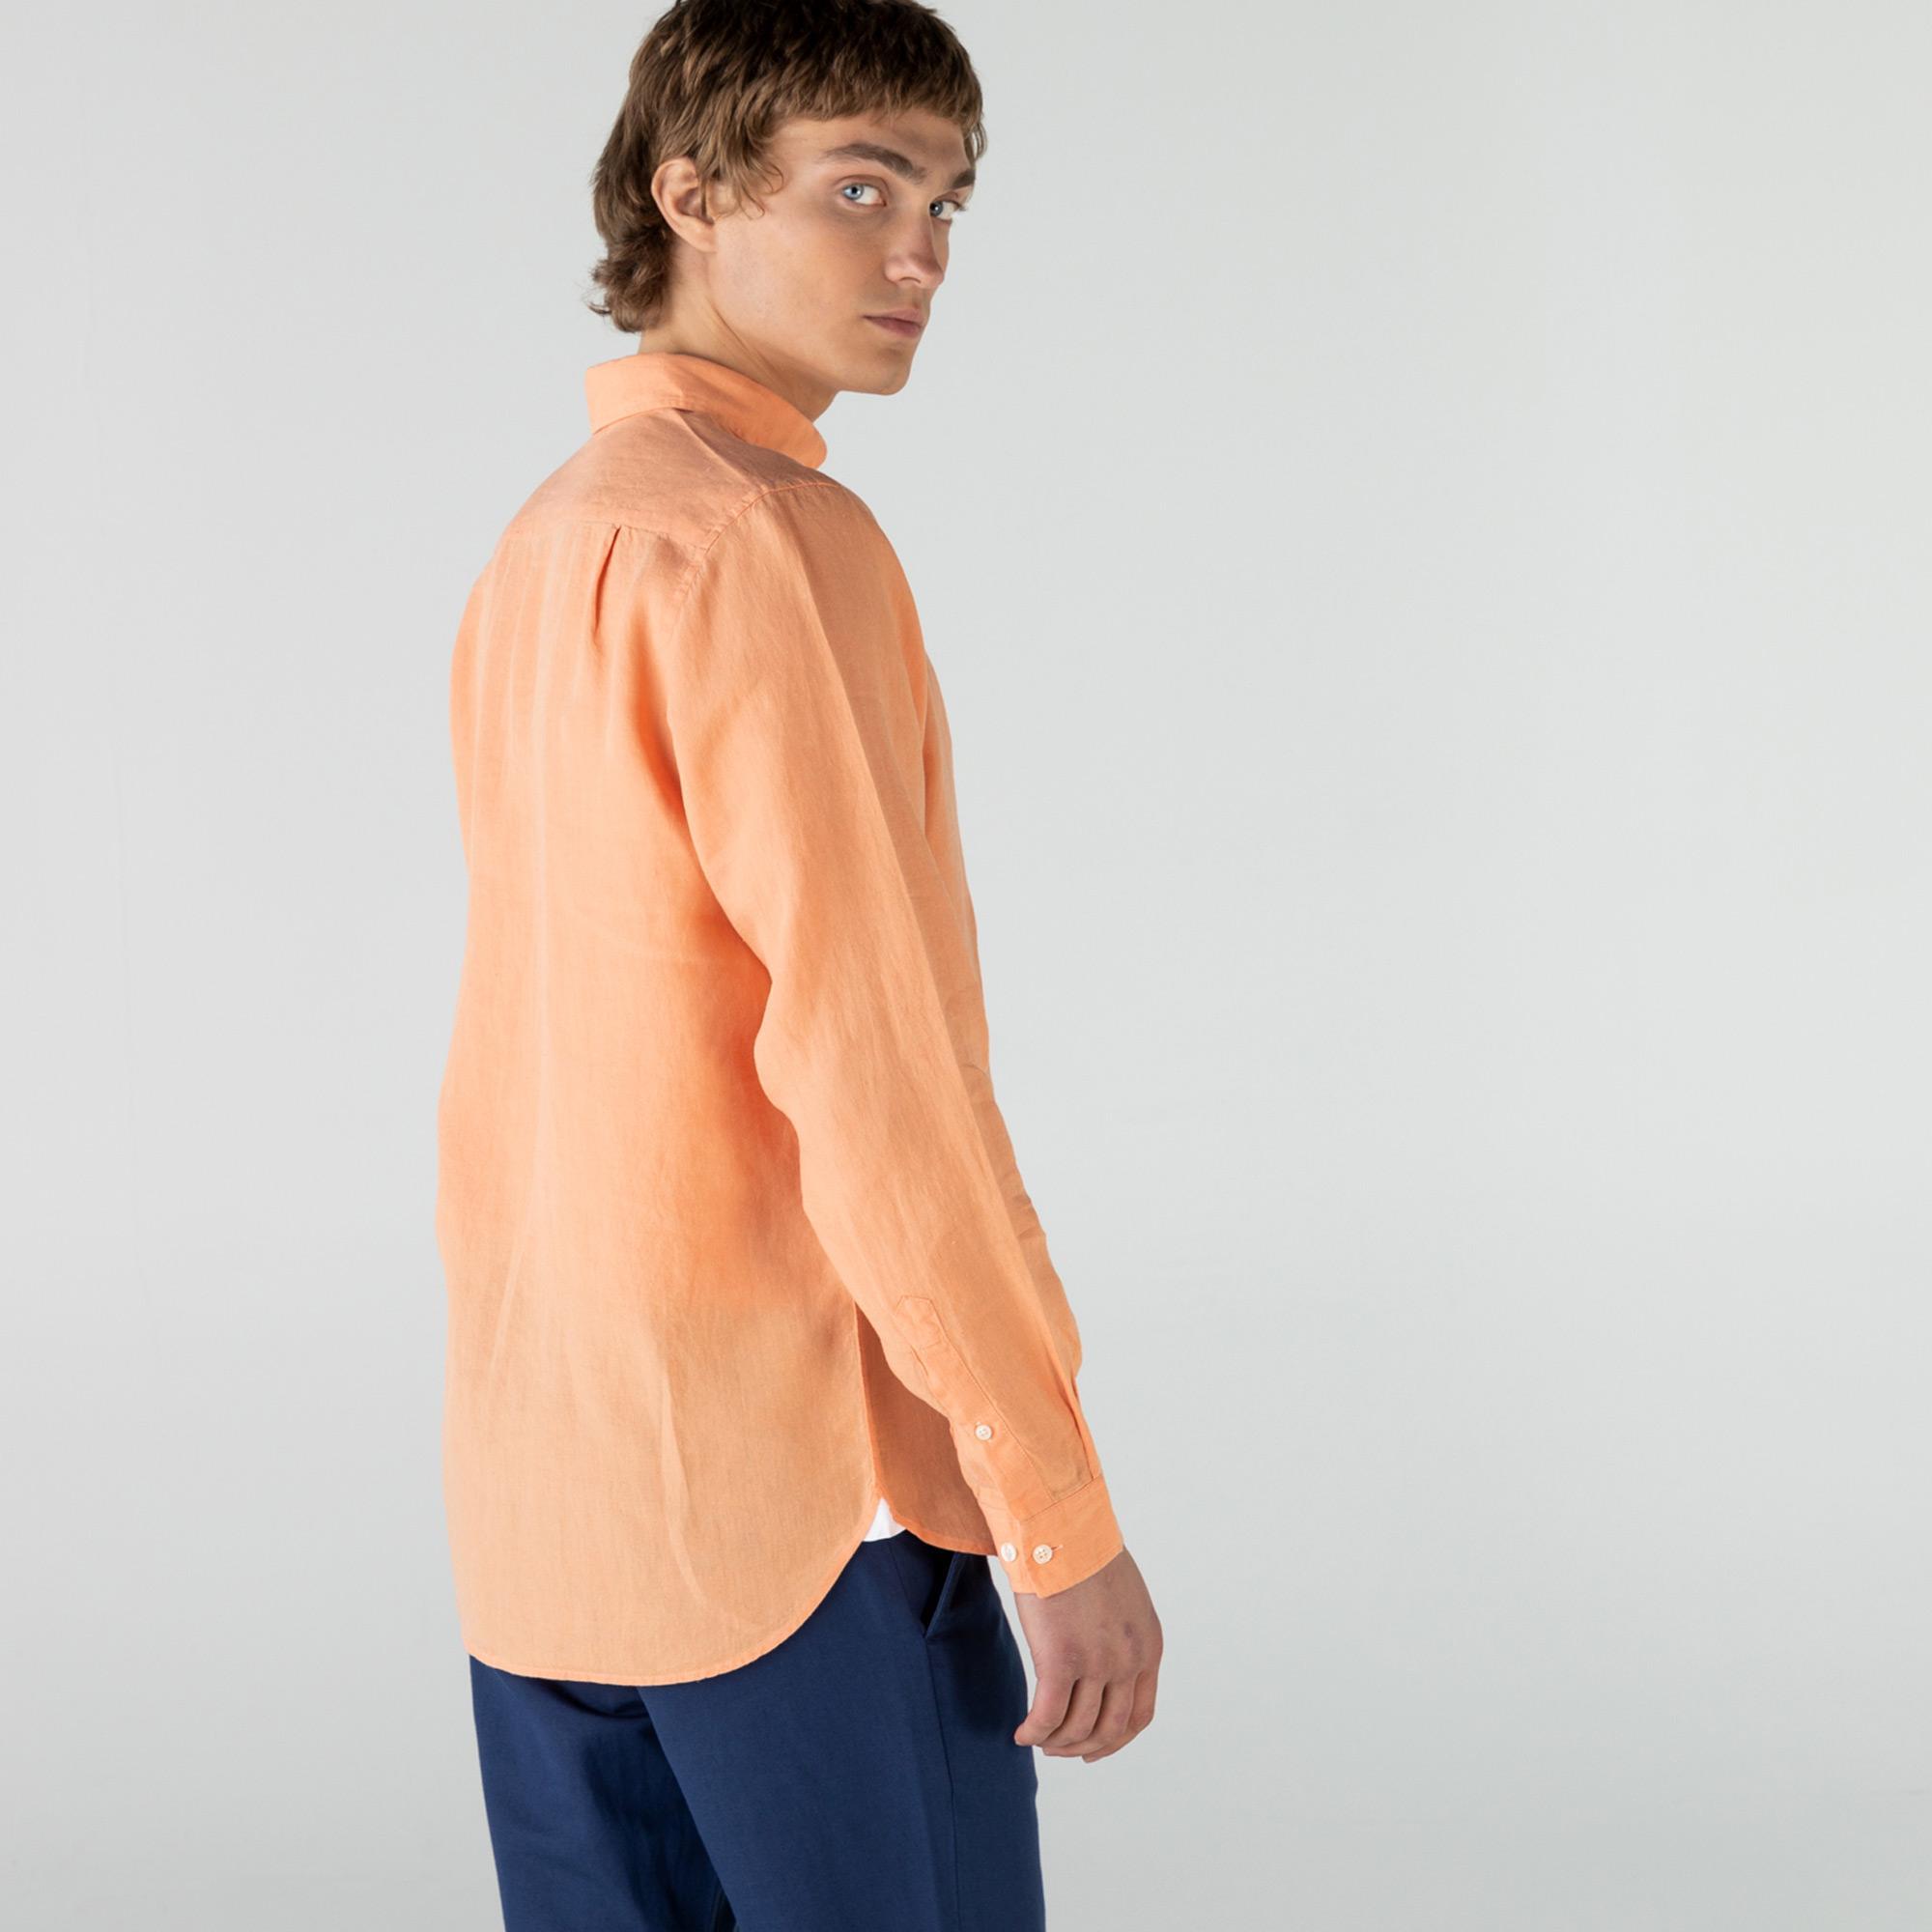 Lacoste Erkek Regular Fit Keten Pembe Gömlek